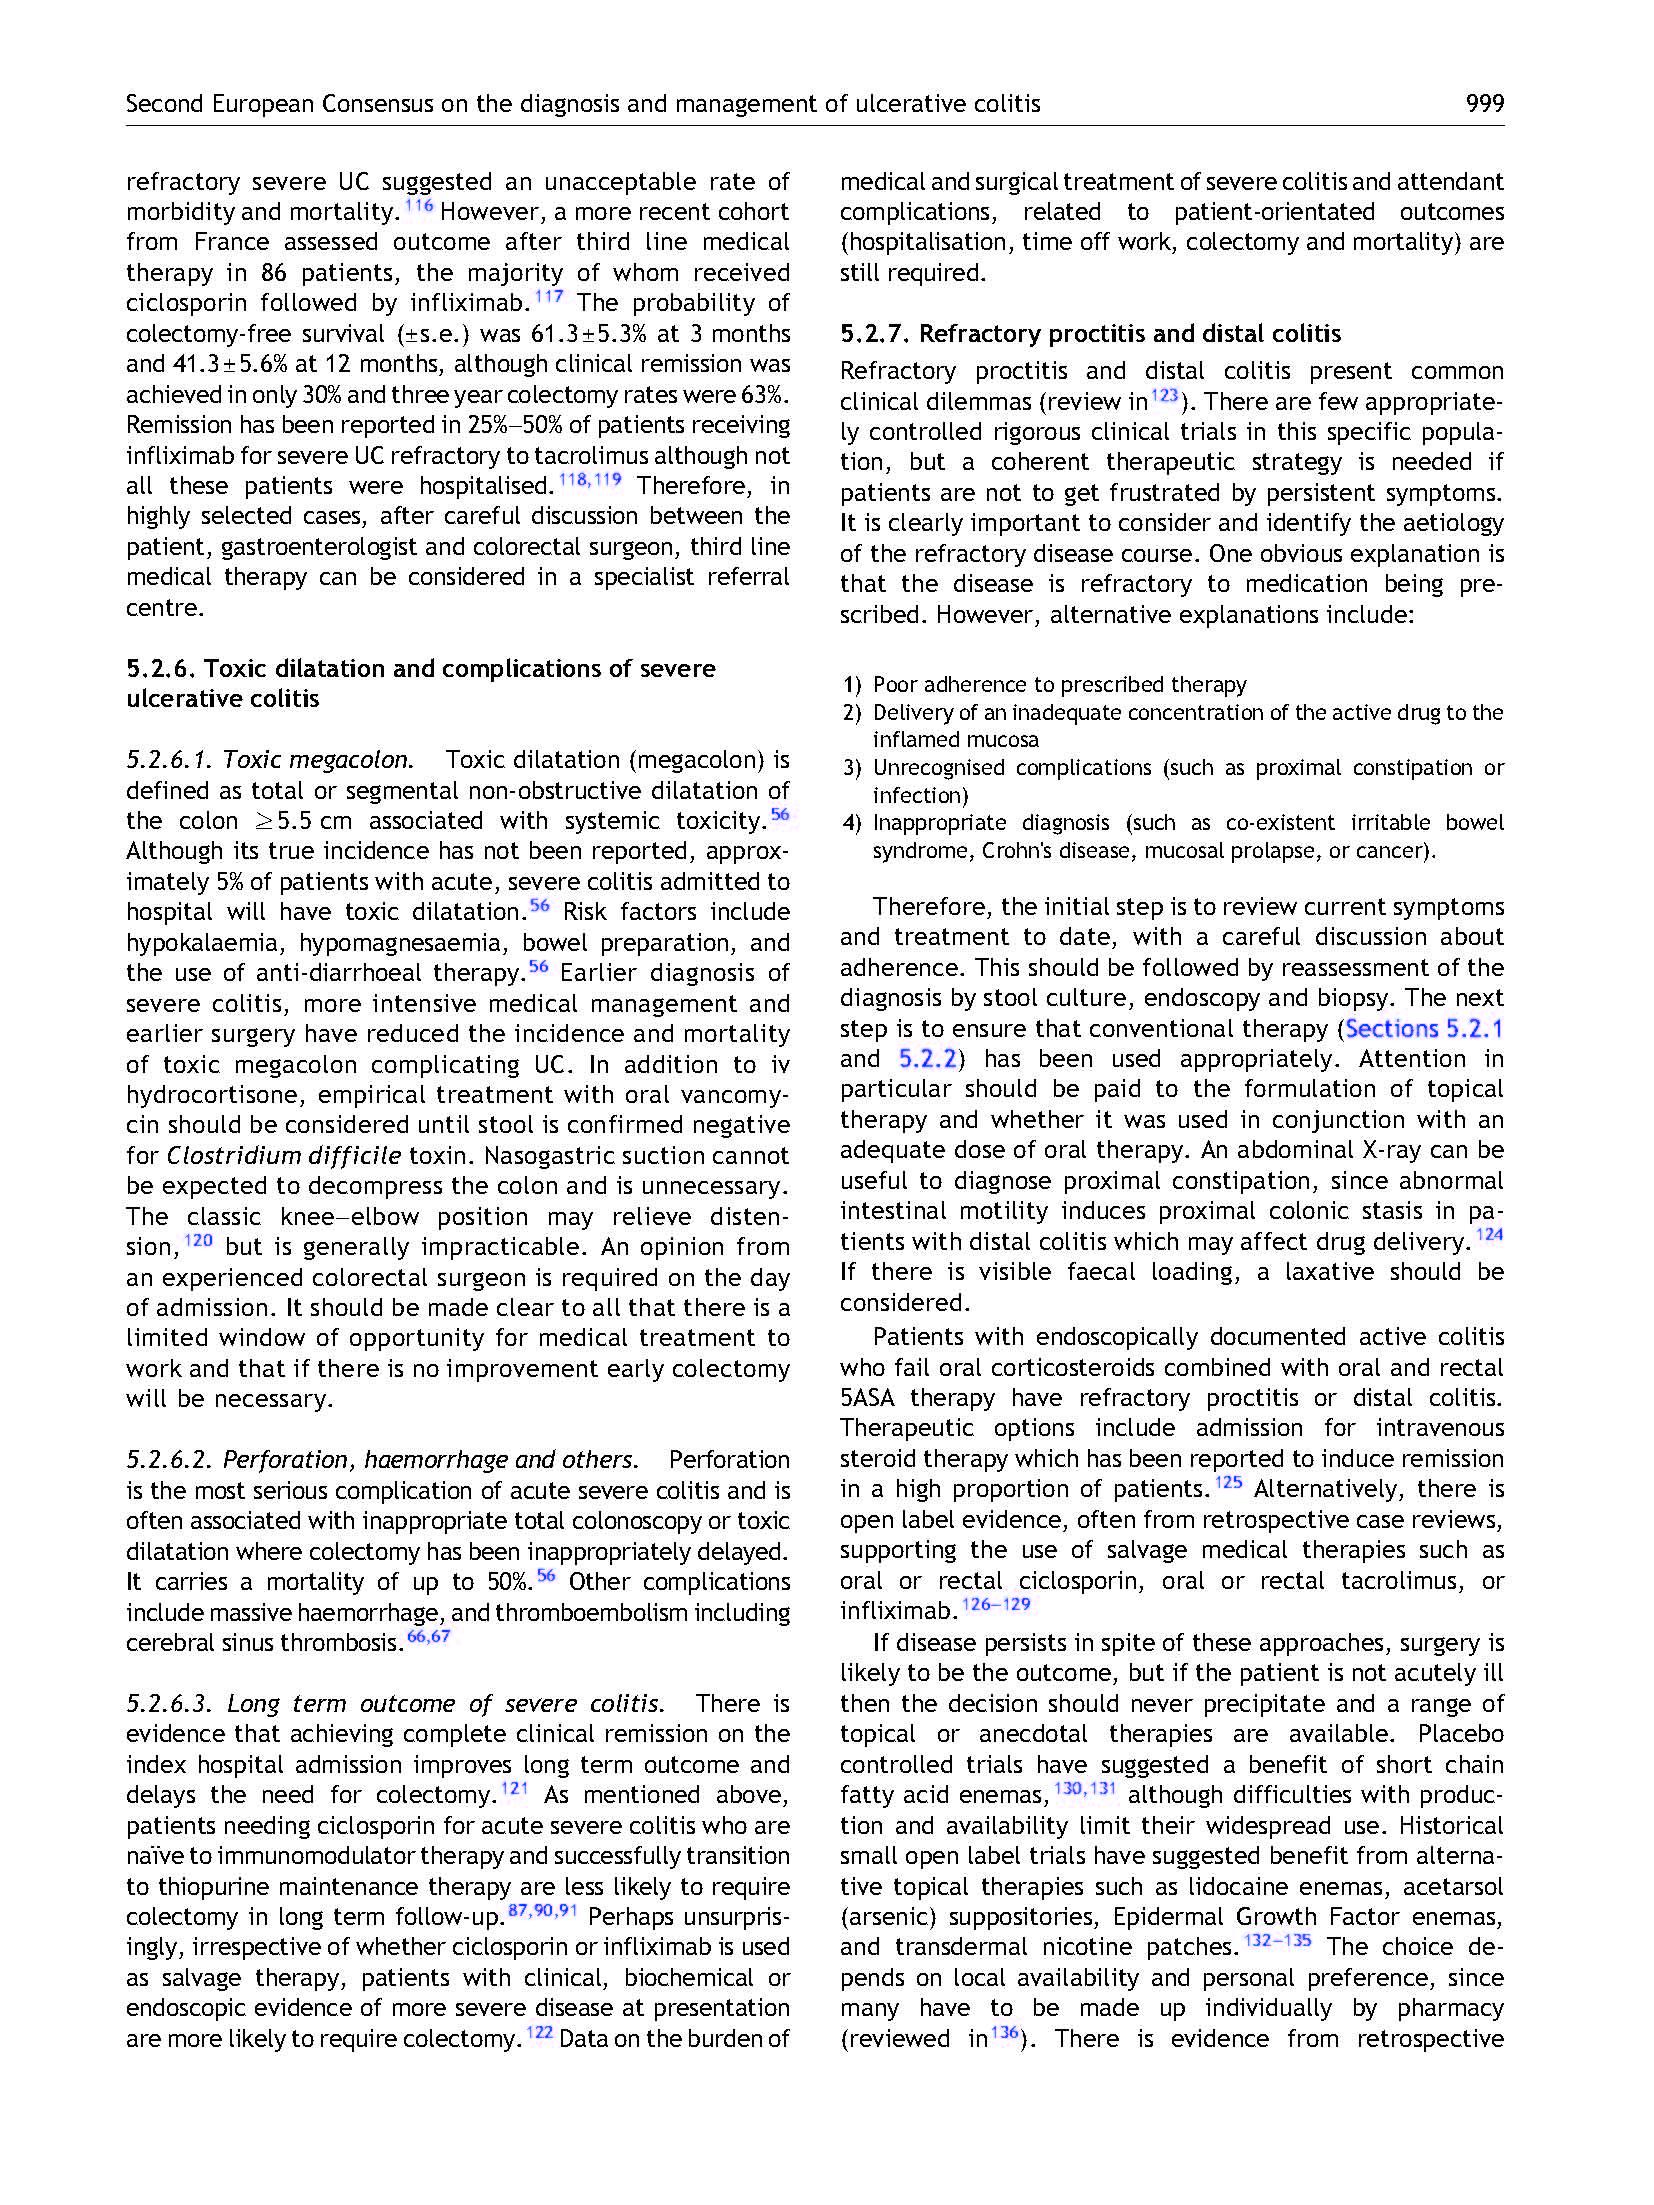 2012-ECCO第二版-欧洲询证共识:溃疡性结肠炎的诊断和处理—日常处理_页面_09.jpg